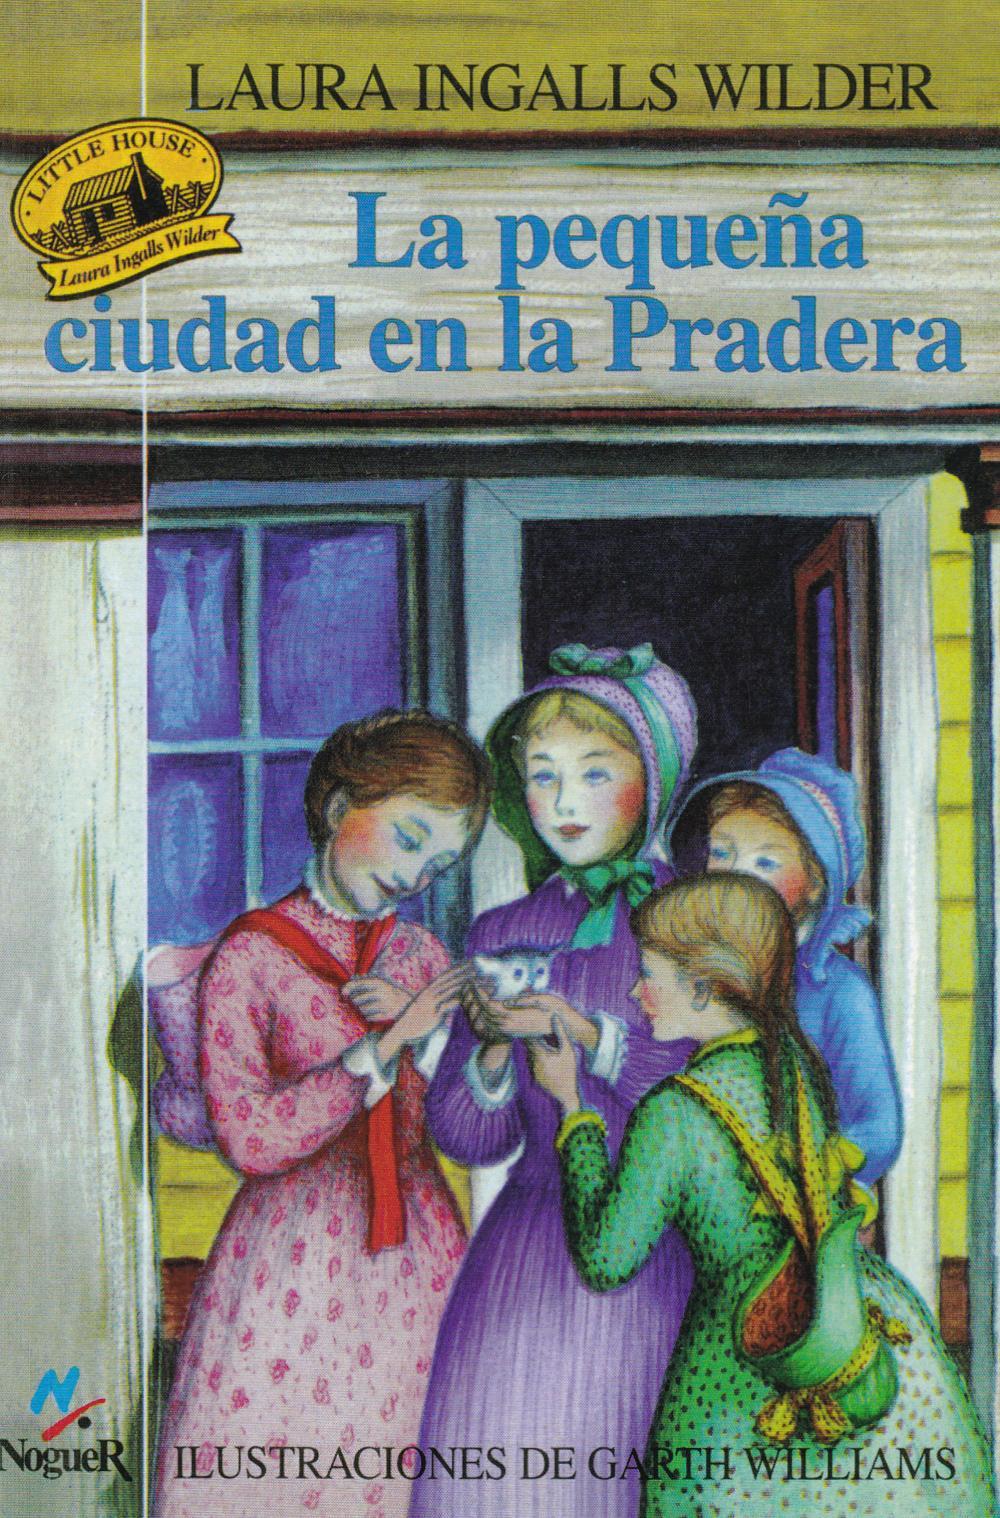 Casa de la pradera Collection, Little House on the Praire Collection, Rey Del Sol, Del Sol Books, Del Sol University